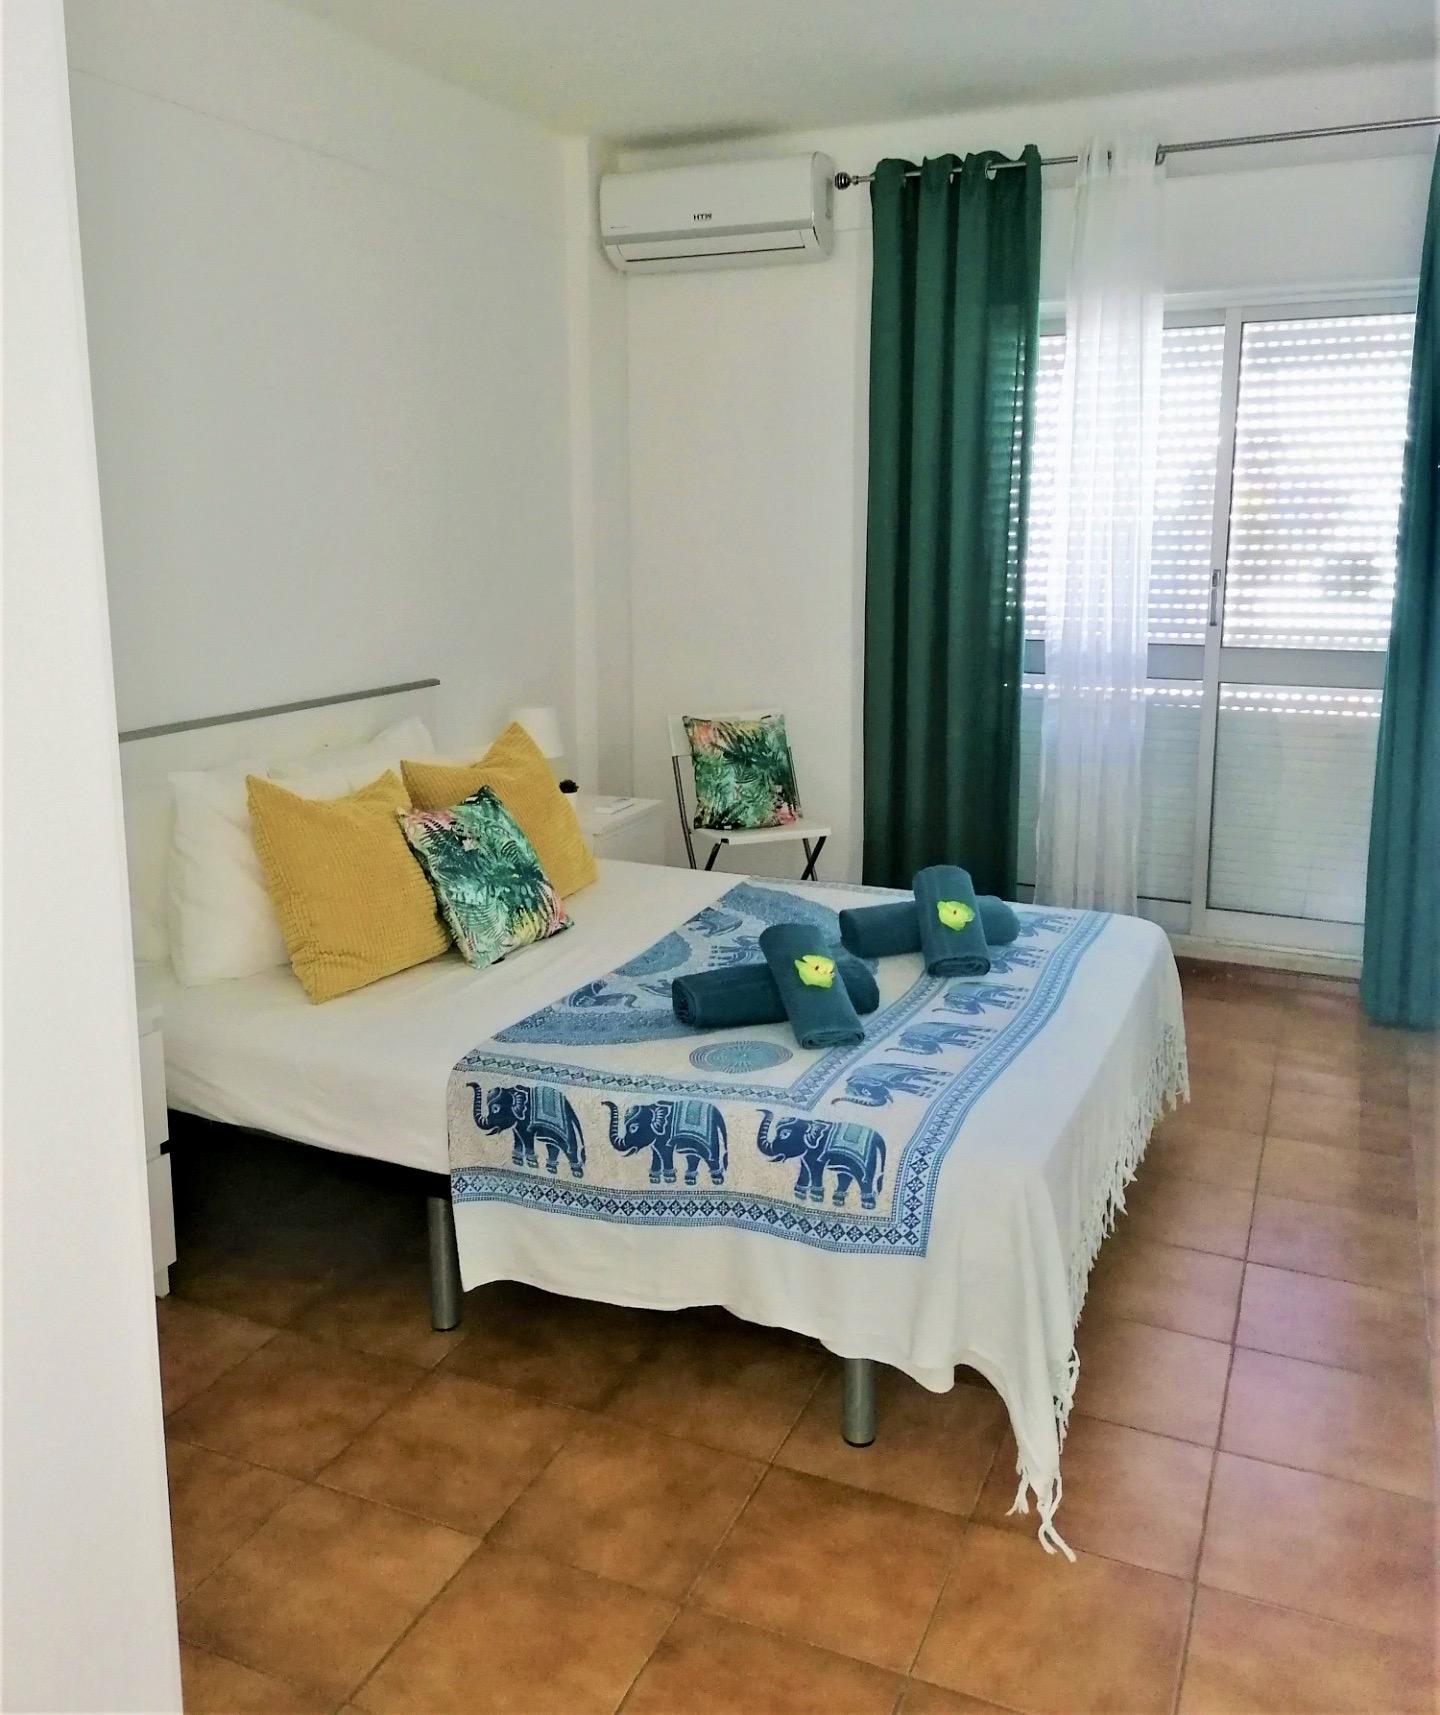 Location appartements et villas de vacance, Albufeira Bran House, Fantástico Apartamento Férias T1, a 200m a pé da praia, Baixa Antiga de Albufeira à Albufeira, Portugal Algarve, REF_IMG_15967_15970